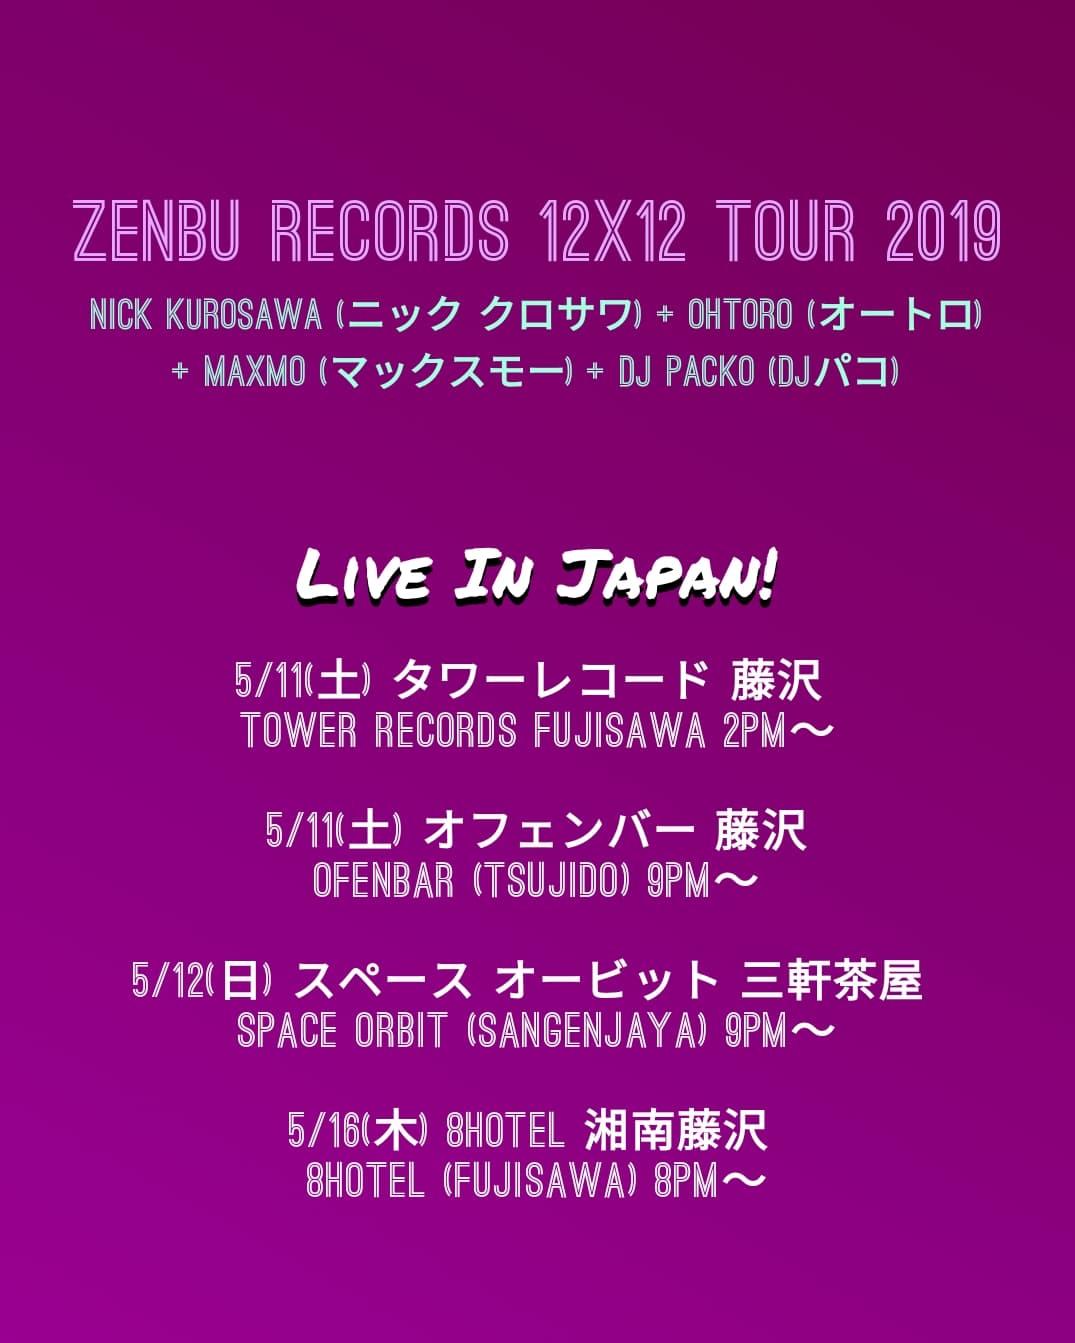 いよいよ今週はZENBU RECORDSツアー!